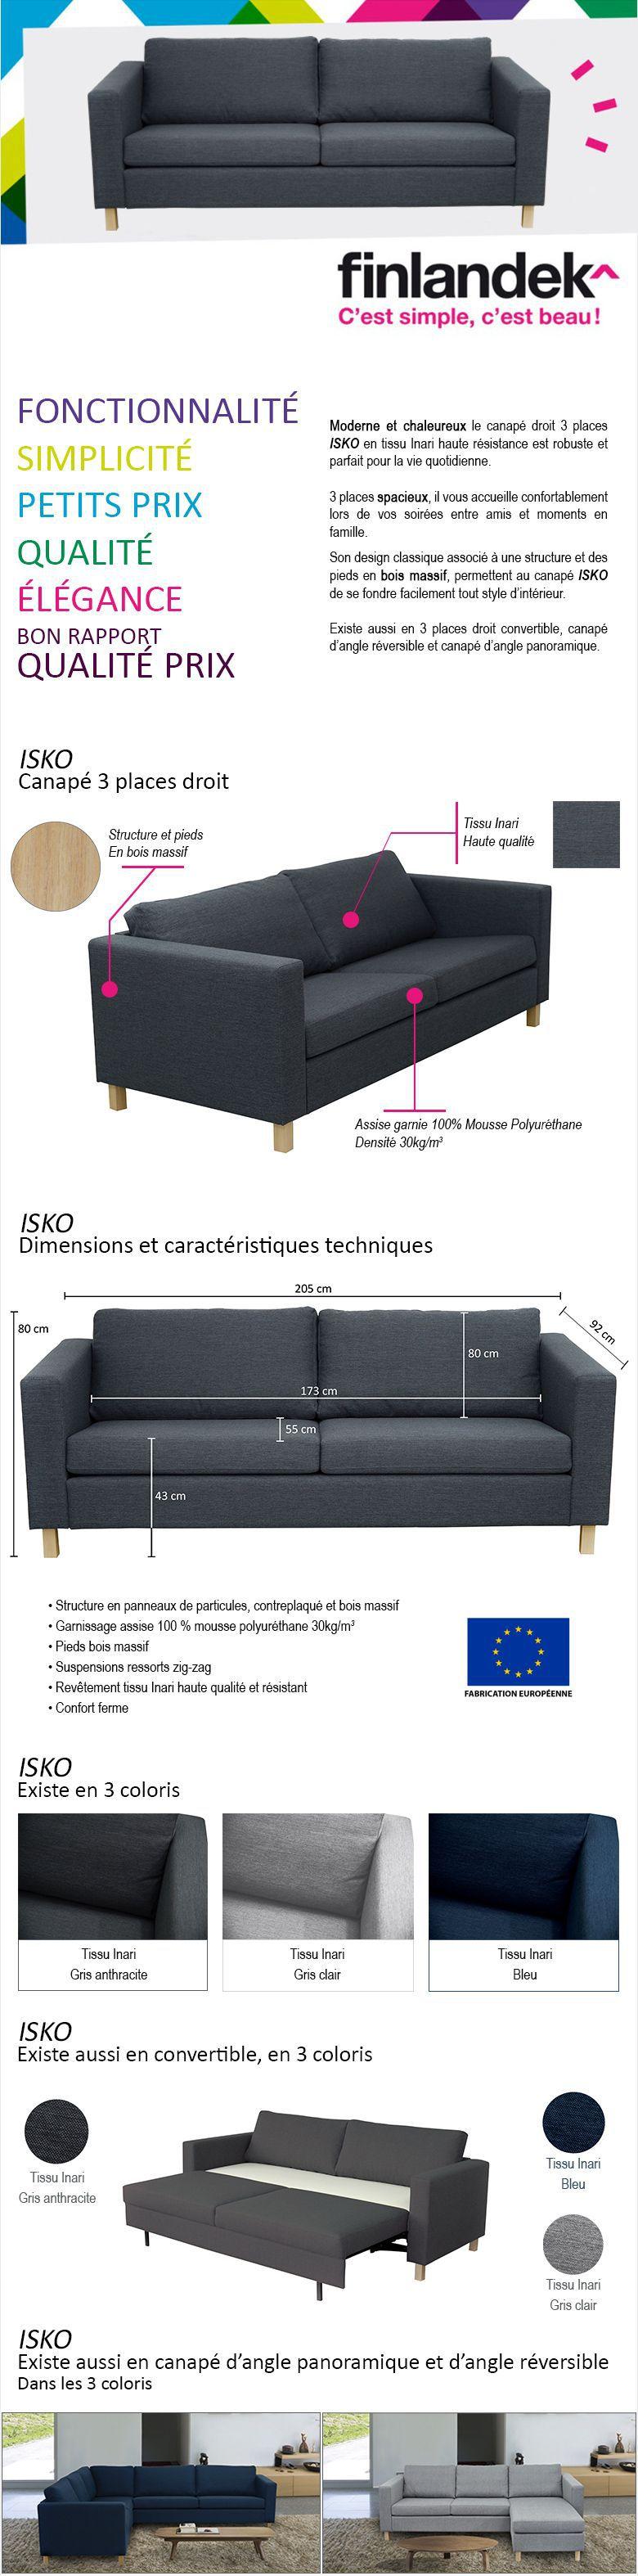 revendeur 90976 49918 FINLANDEK Canapé droit fixe 3 places ISKO - Tissu gris ...